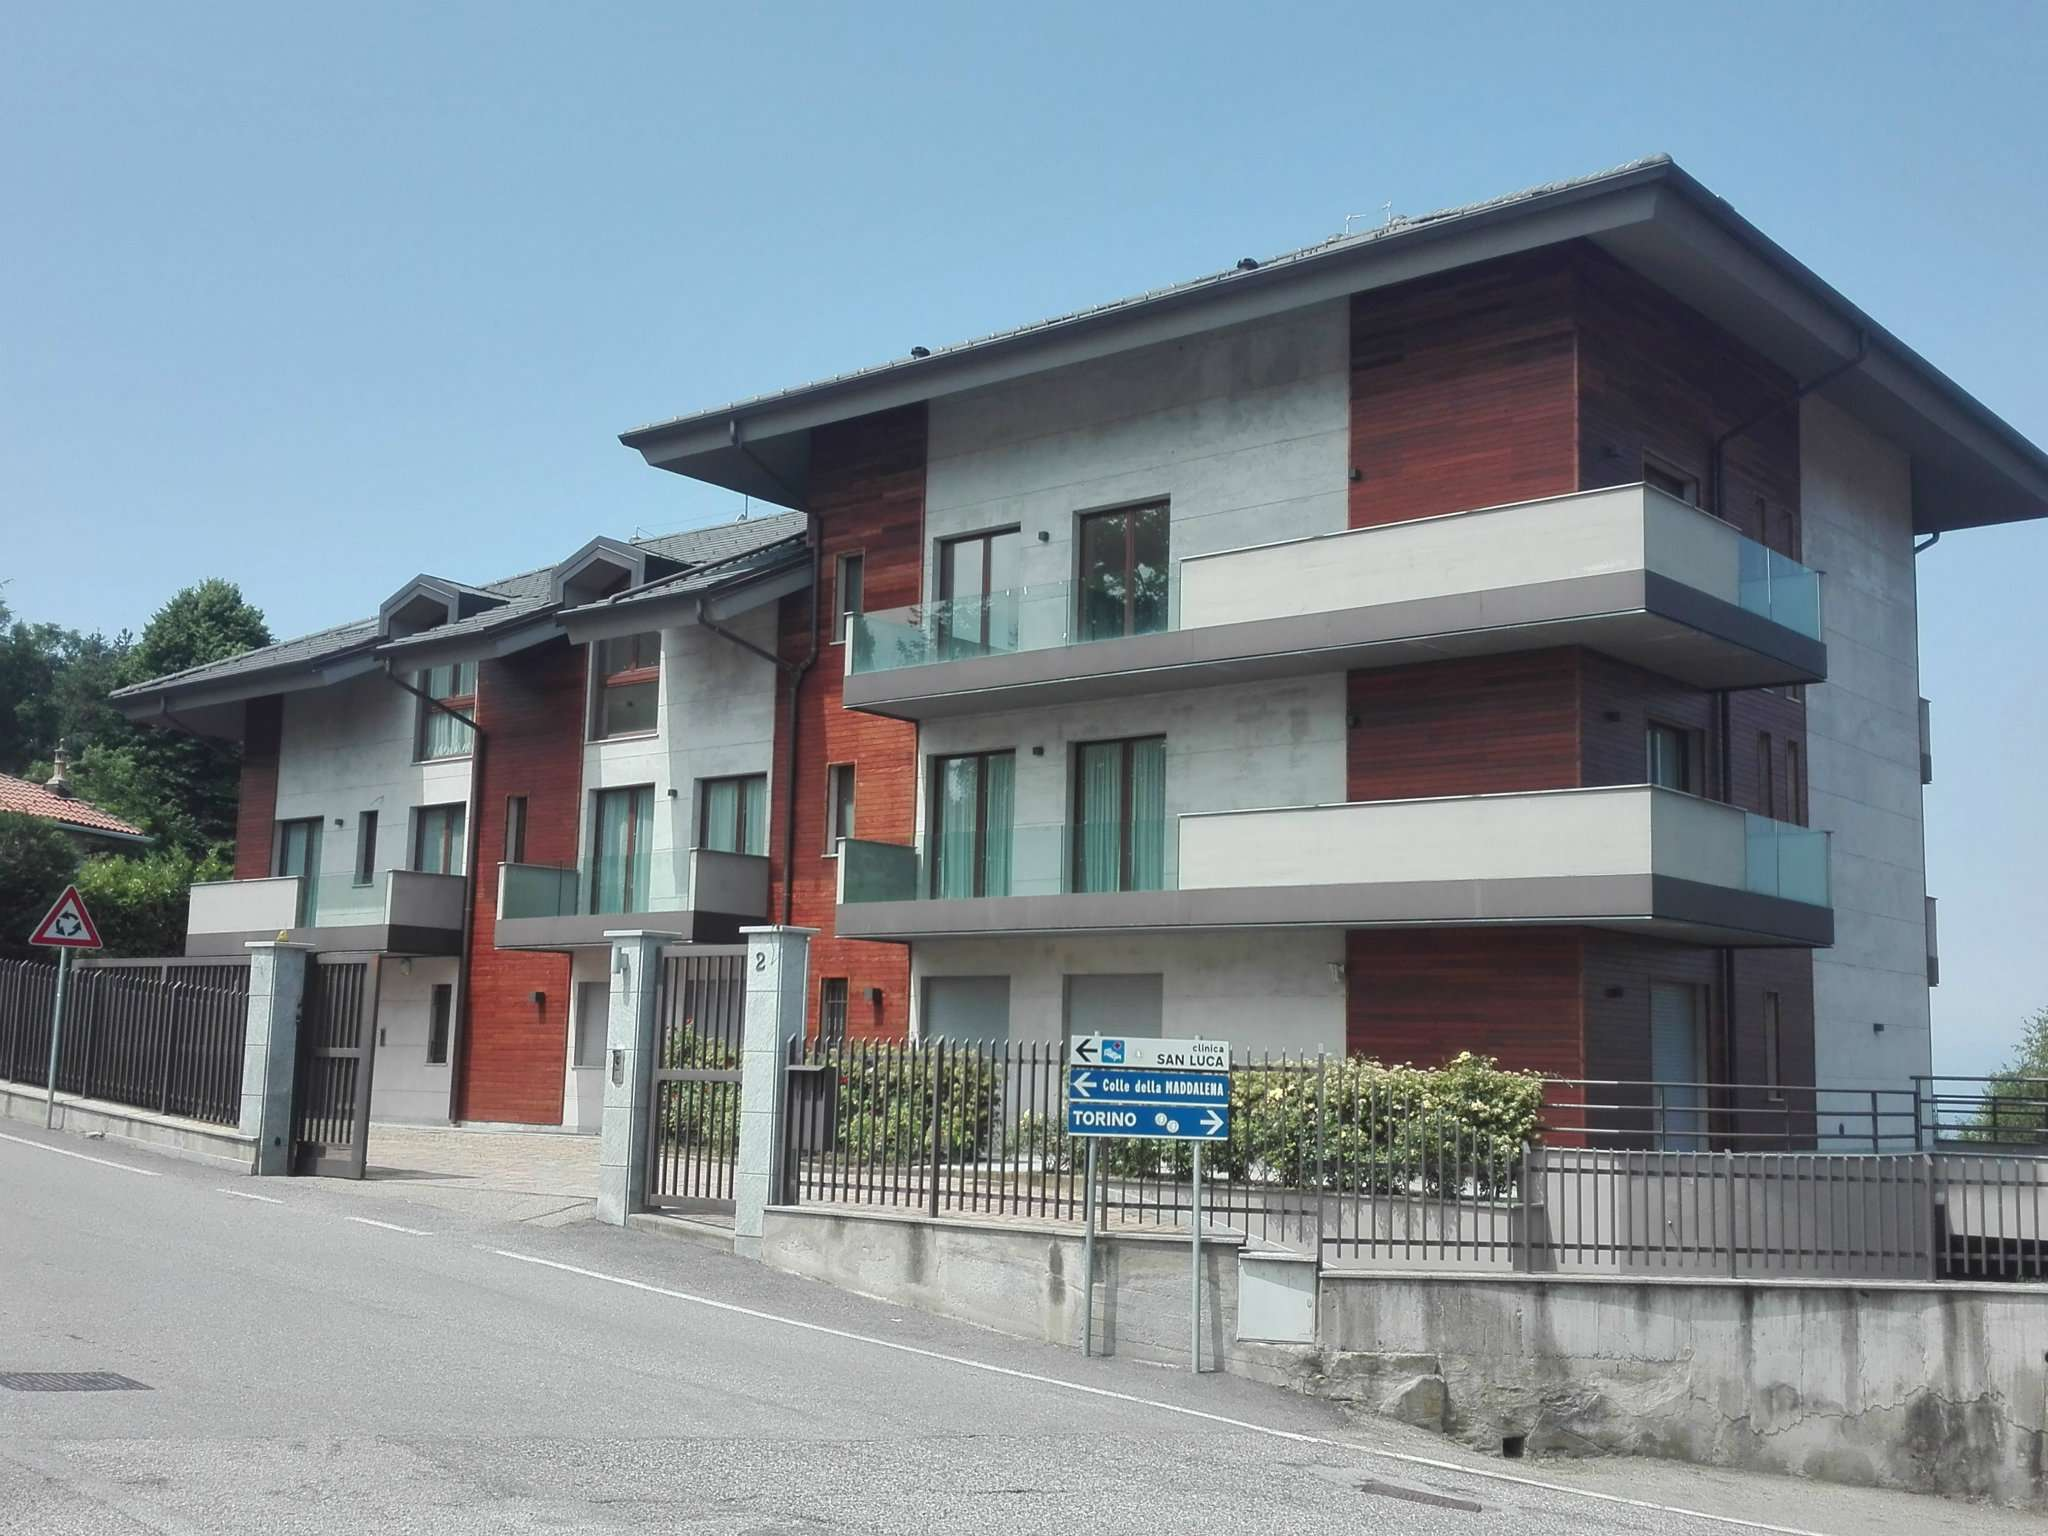 Appartamento in vendita a Pecetto Torinese, 6 locali, prezzo € 795.000 | CambioCasa.it